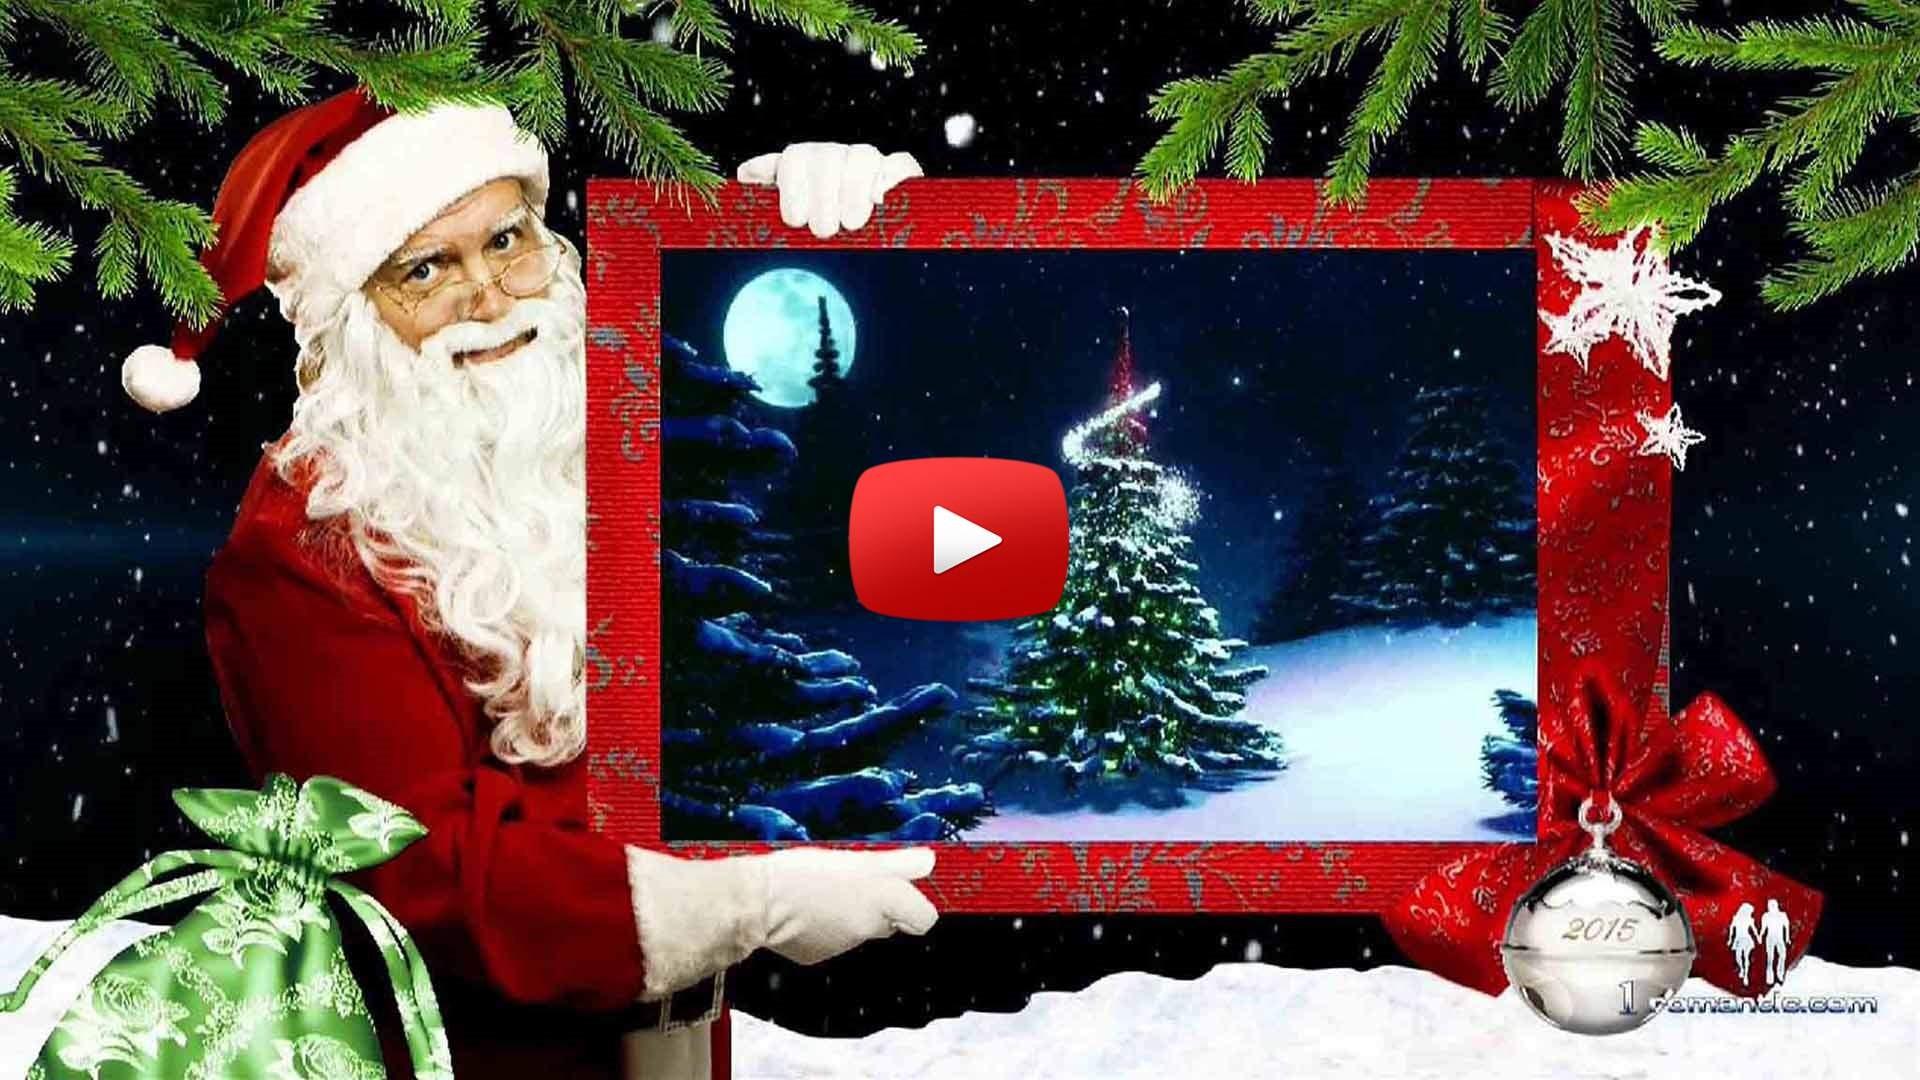 Открытки, как в ватсапе послать открытку новогоднее поздравление видео